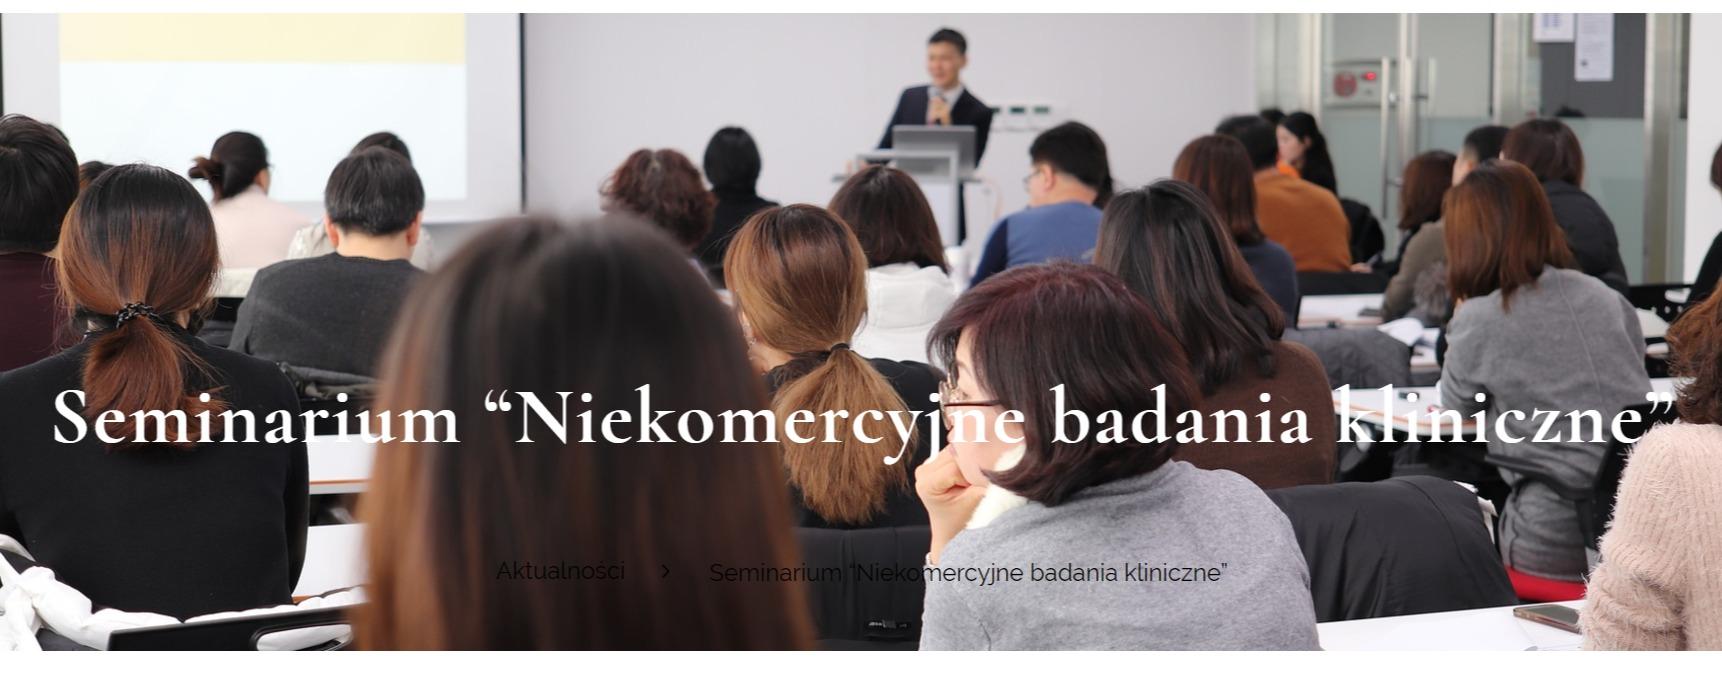 """26 października seminarium """"Niekomercyjne badania kliniczne"""""""